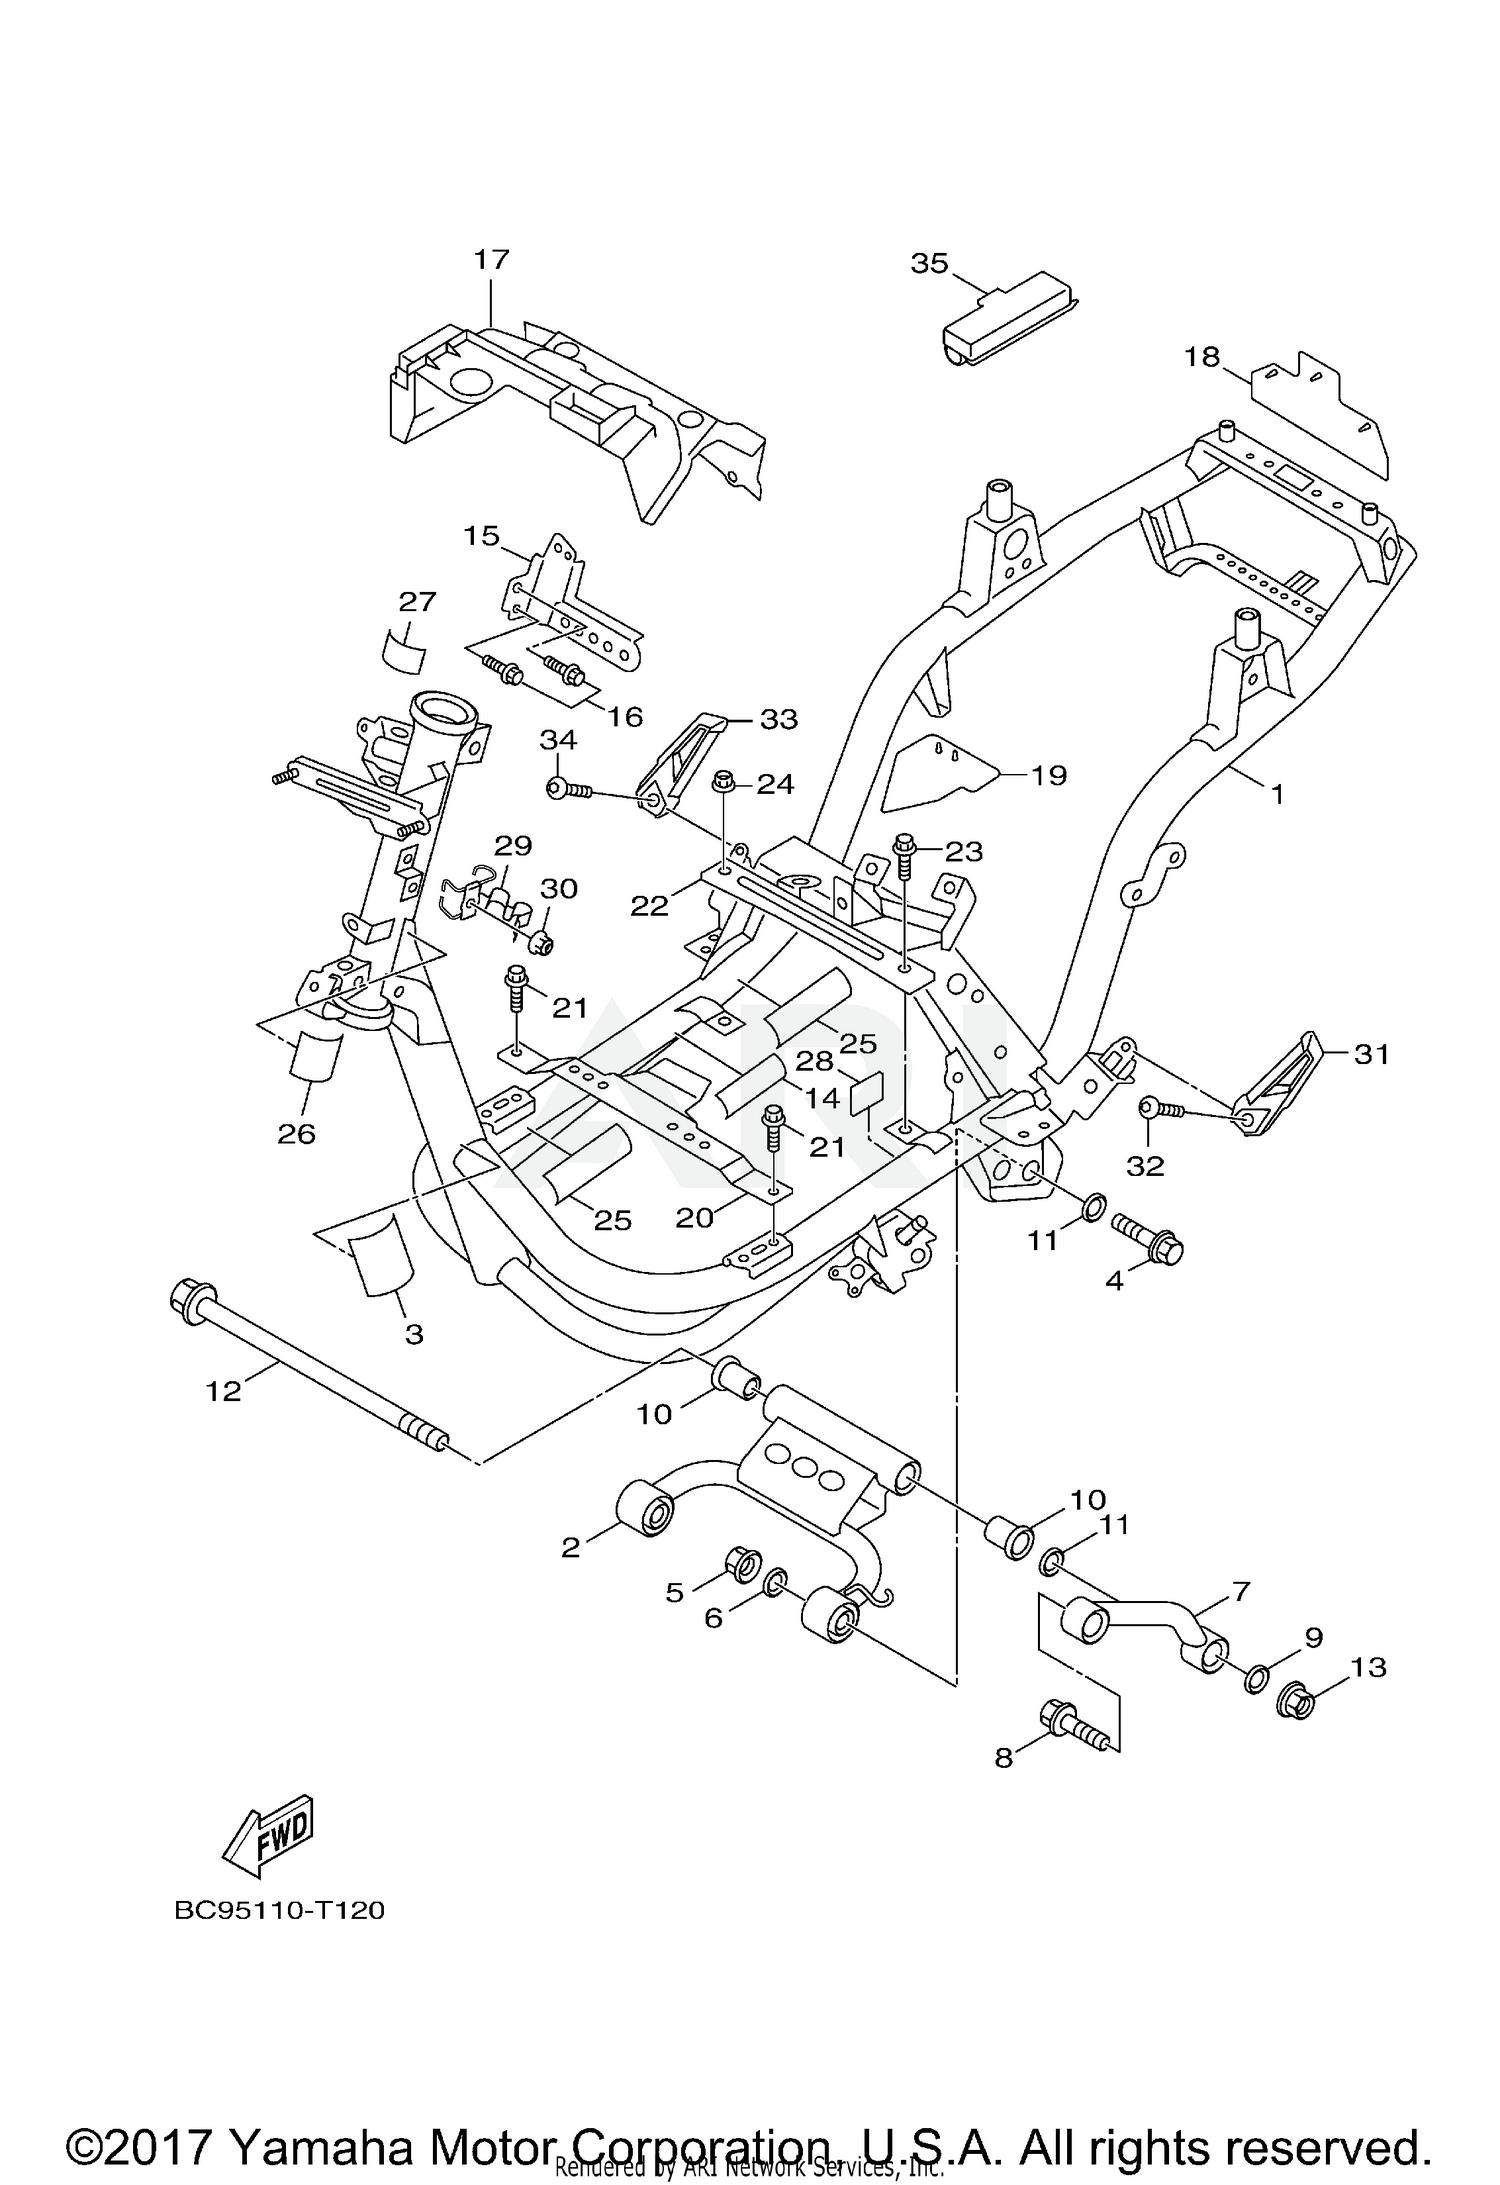 2018 Yamaha ZUMA 125 - YW125JR FRAME Parts - Best OEM FRAME